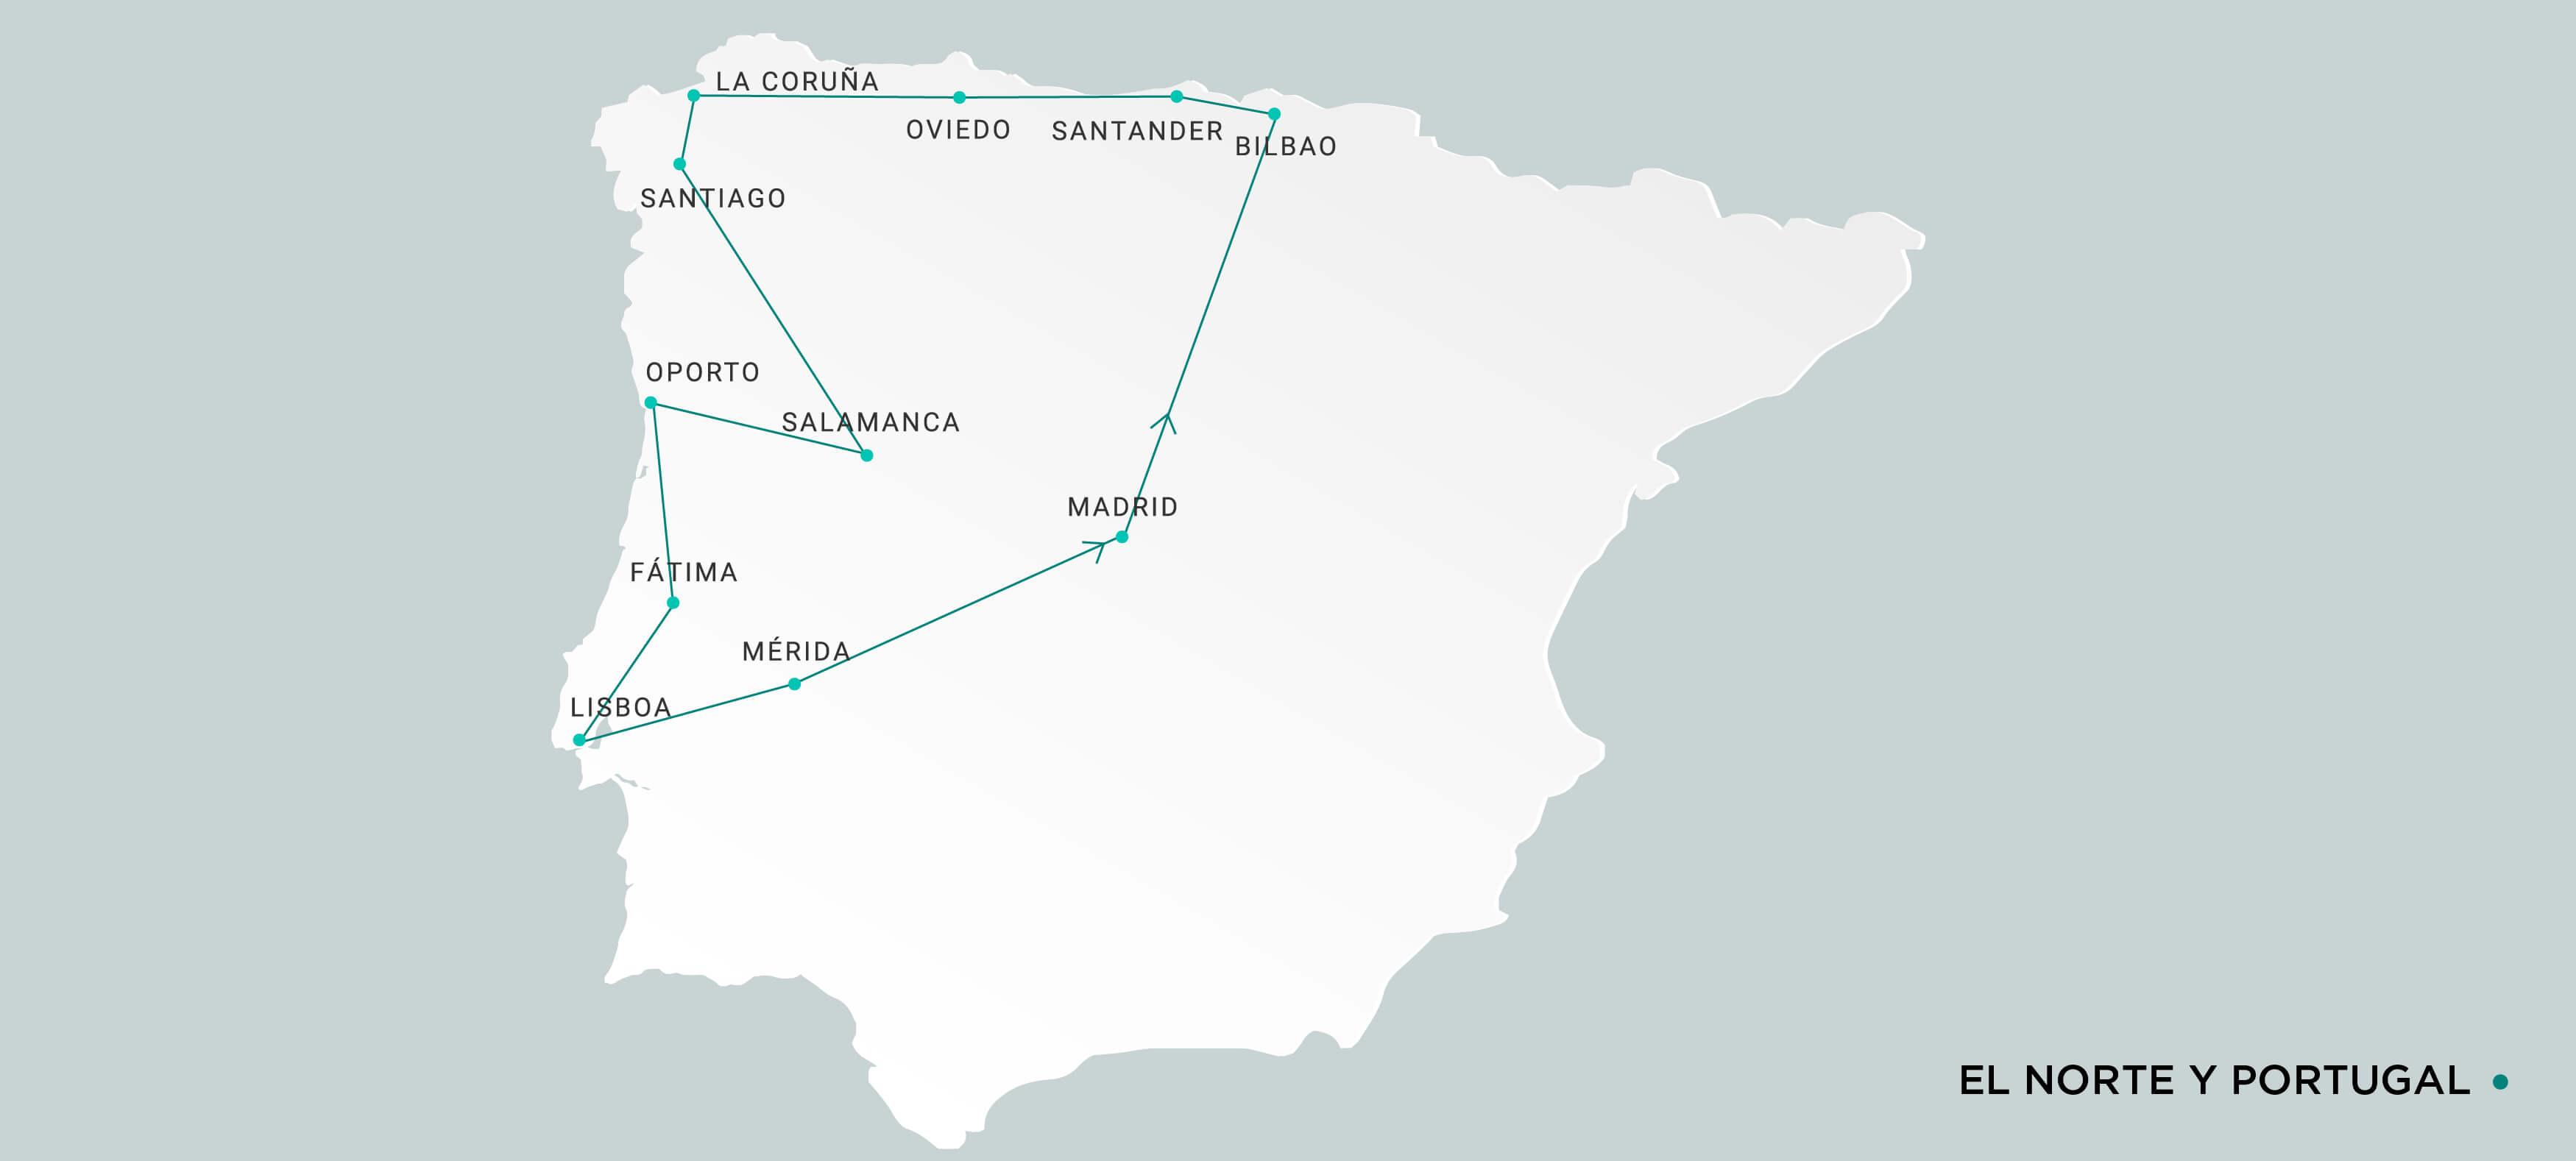 Mapa Norte y Portugal